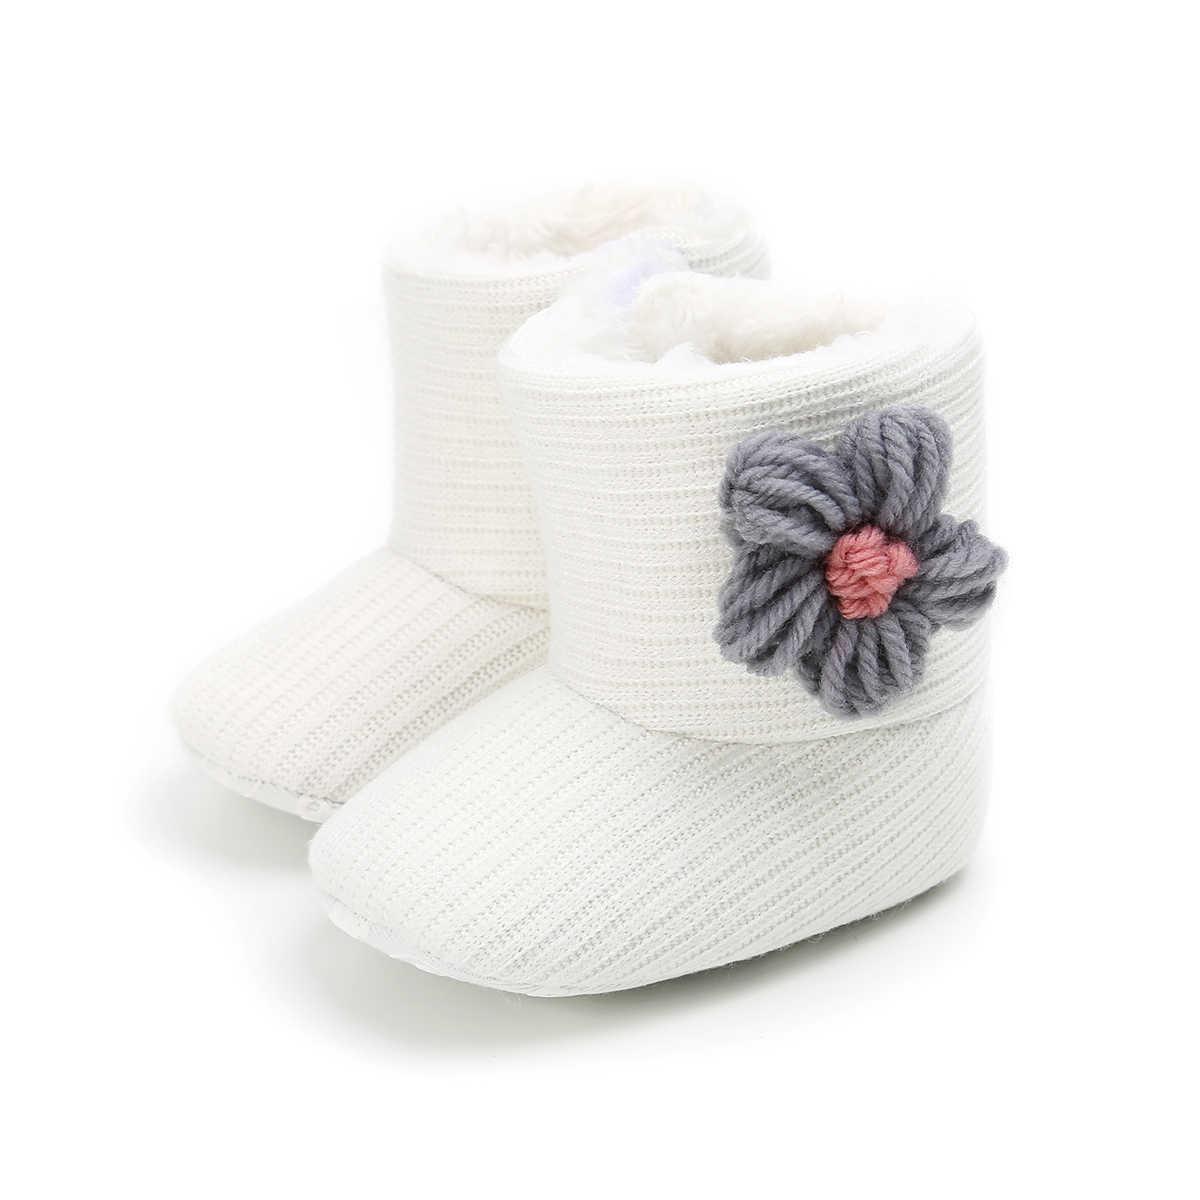 Bebek Yürüyor Bebek Kız Kış Kar Botları Çocuk Kalın Pamuklu Kumaş Çizmeler Yuvarlak Ayak Iplik Çiçek Kürk Kayma Düz topuk Shoes0-18M